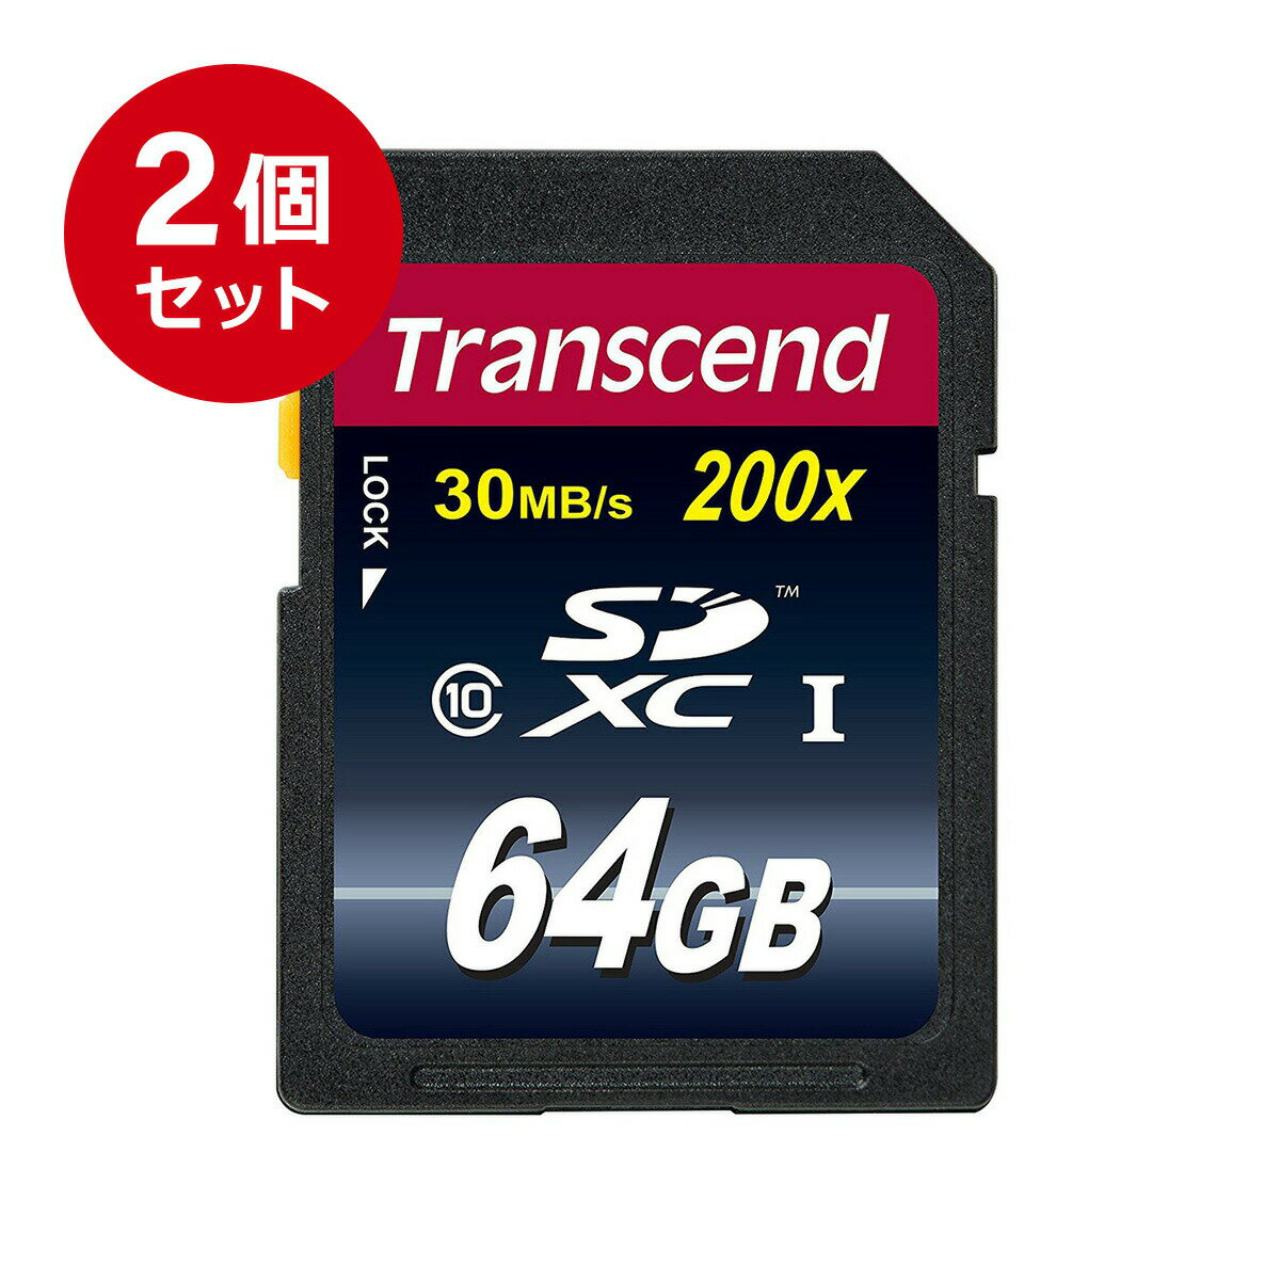 【9月14日値下げしました】【まとめ割 2個セット】Transcend SDカード 64GB Class10 Ultimate SDXC メモリーカード クラス10 入学 卒業[TS64GSDXC10]【送料無料】